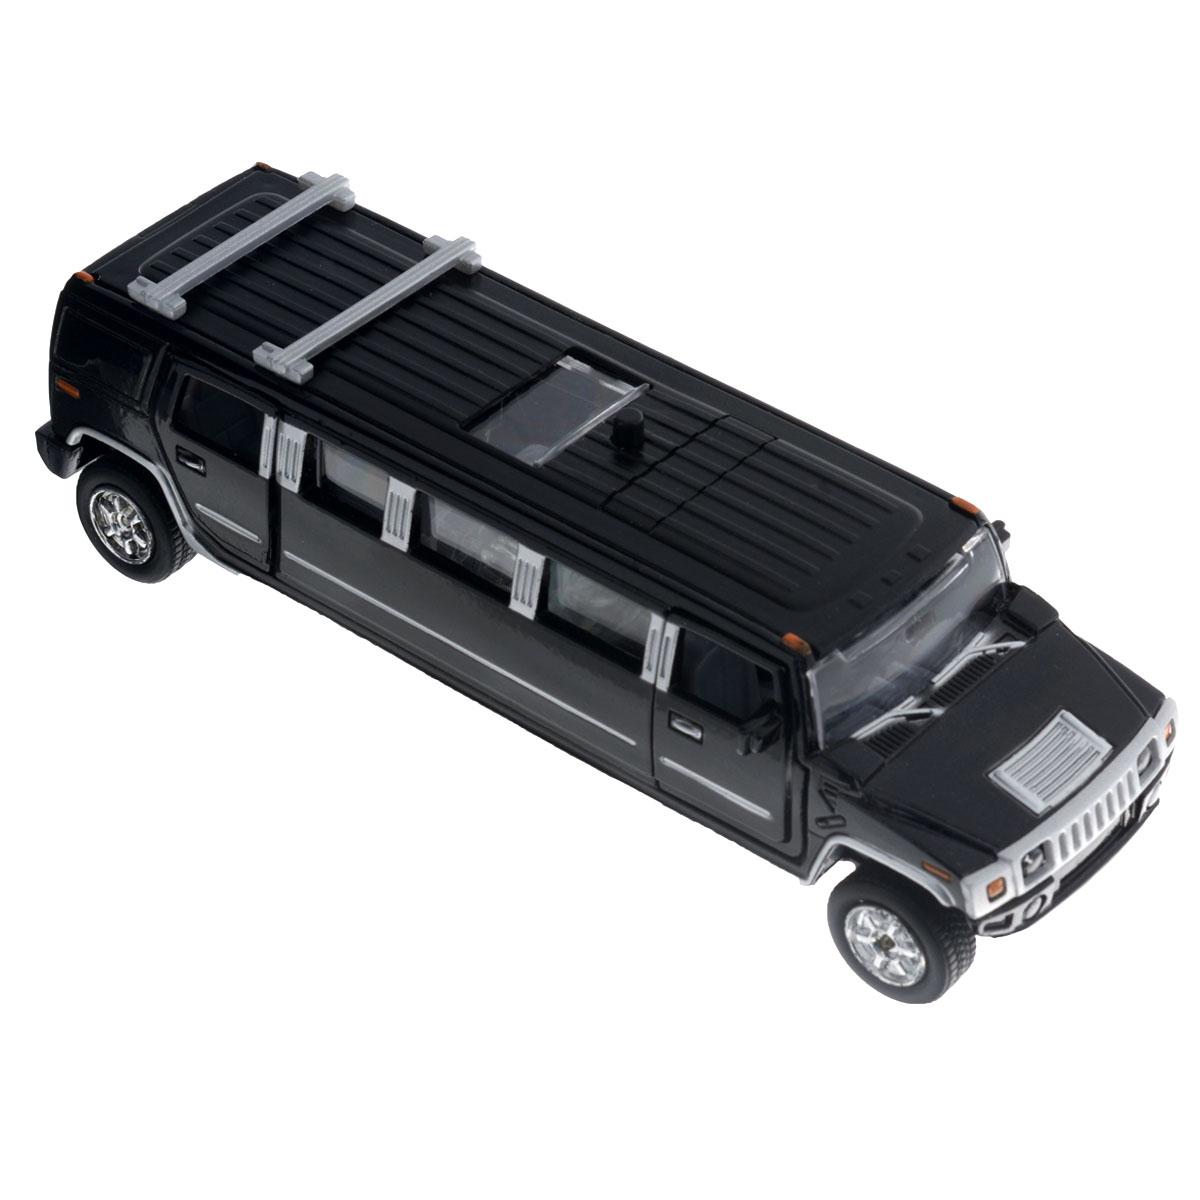 Машинка инерционная ТехноПарк Лимузин, цвет: черныйSL-971-SBМашинка ТехноПарк Лимузин, выполненная из пластика и металла в виде лимузина, станет любимой игрушкой вашего малыша. Передние и задние двери машины, а также люк открываются; колеса прорезинены. При нажатии кнопки на крыше лимузина салон начинает подсвечиваться и воспроизводится веселая мелодия или характерные для машинки звуки. Игрушка оснащена инерционным ходом. Машинку необходимо отвести назад, затем отпустить - и она быстро поедет вперед. Ваш ребенок будет часами играть с этой игрушкой, придумывая различные истории. Порадуйте его таким замечательным подарком! Машинка работает от батареек (товар комплектуется демонстрационными).